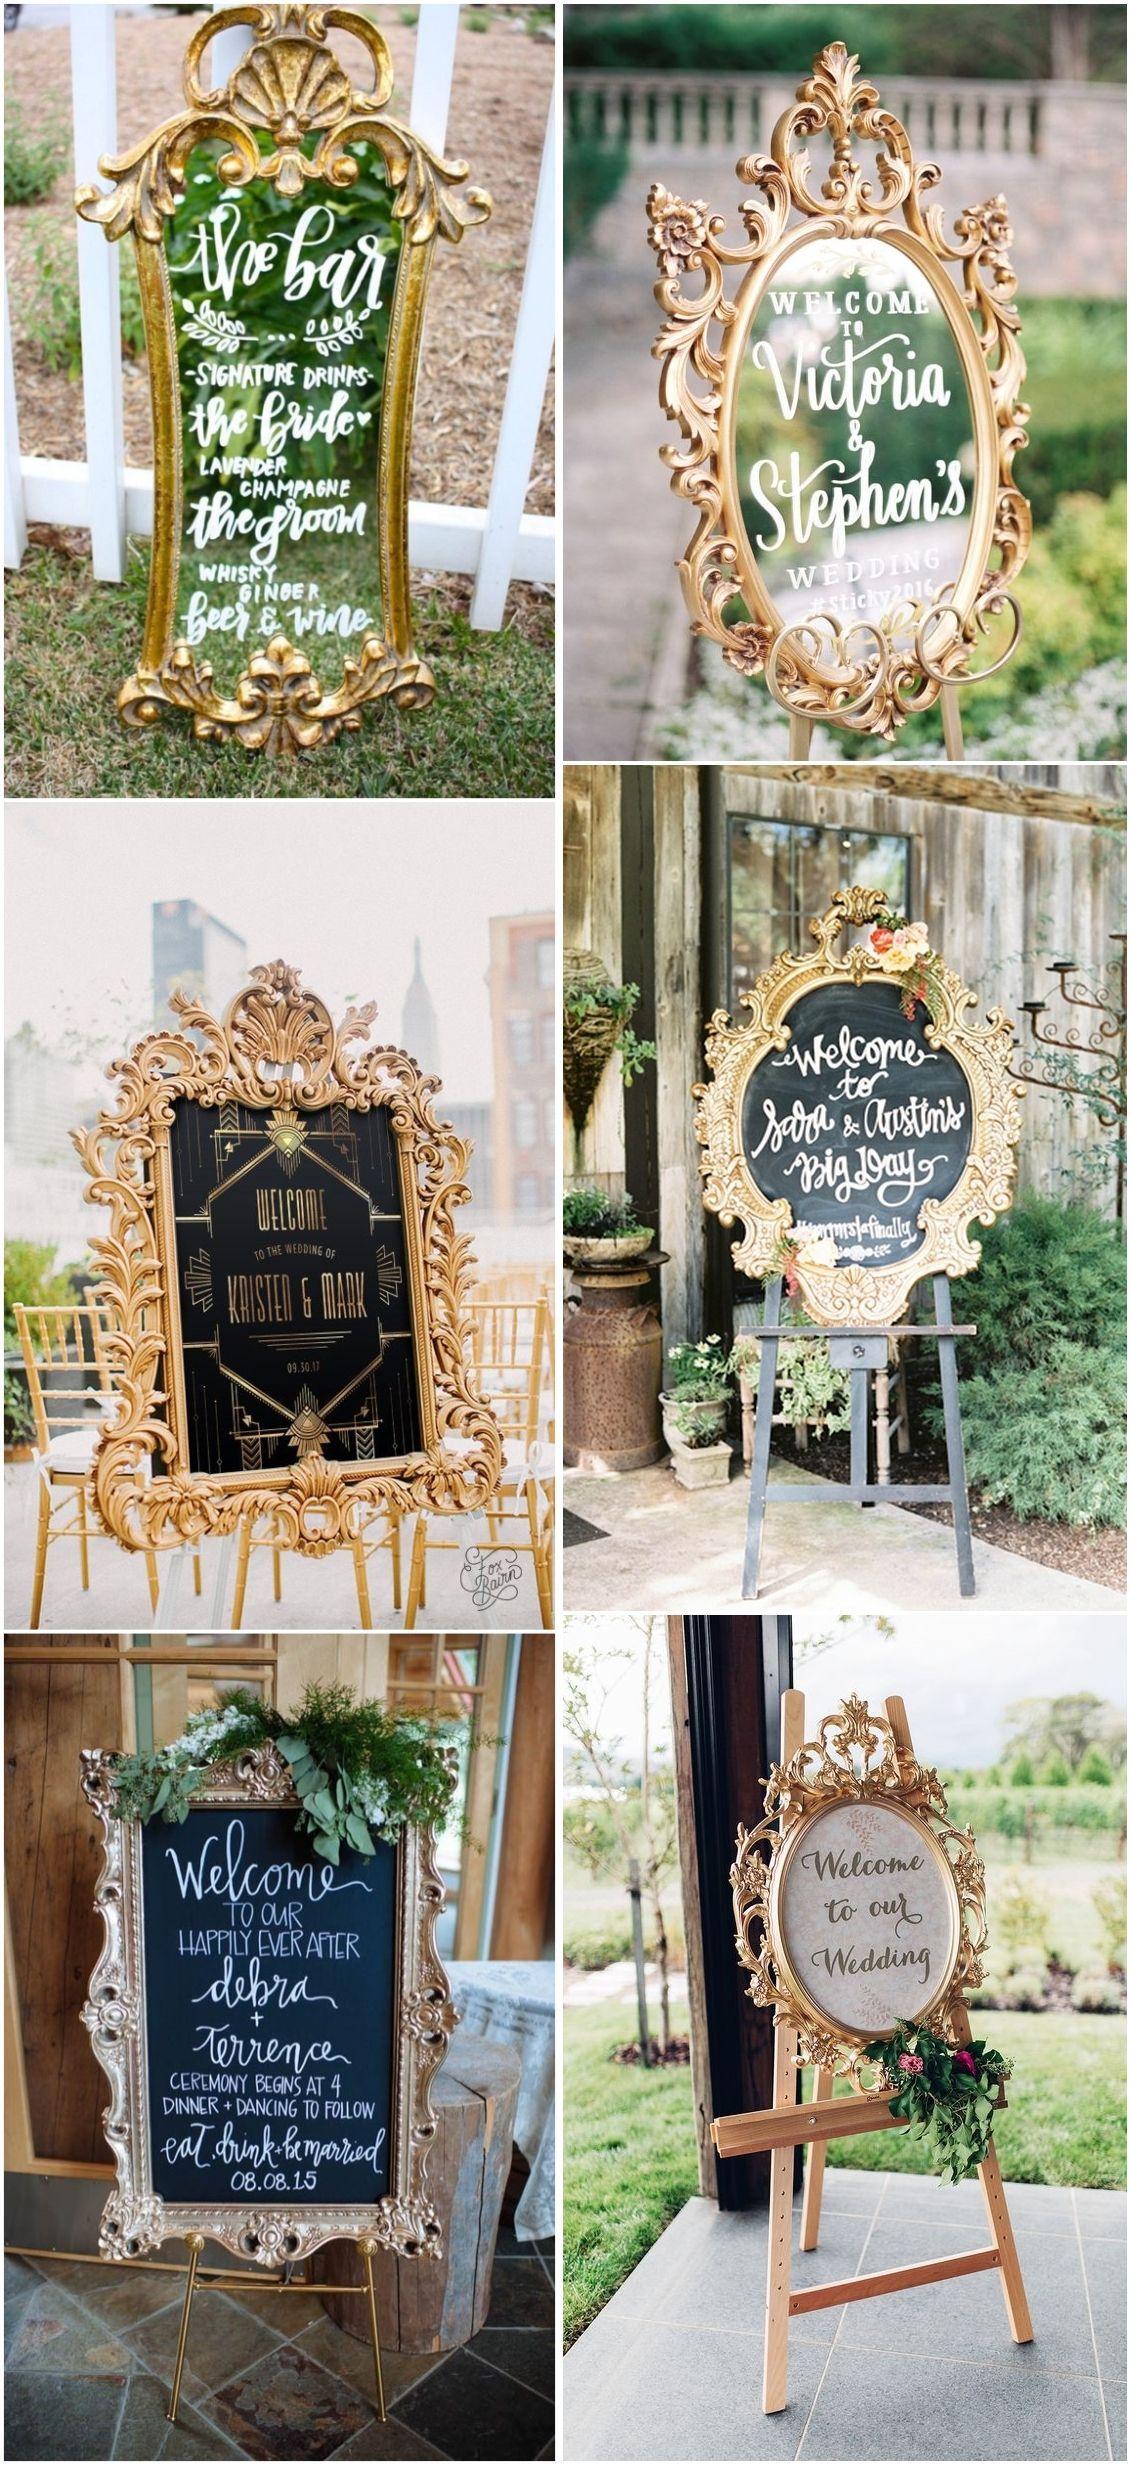 Church wedding decoration ideas 2018  unique wedding signs weddings weddingideas vintage